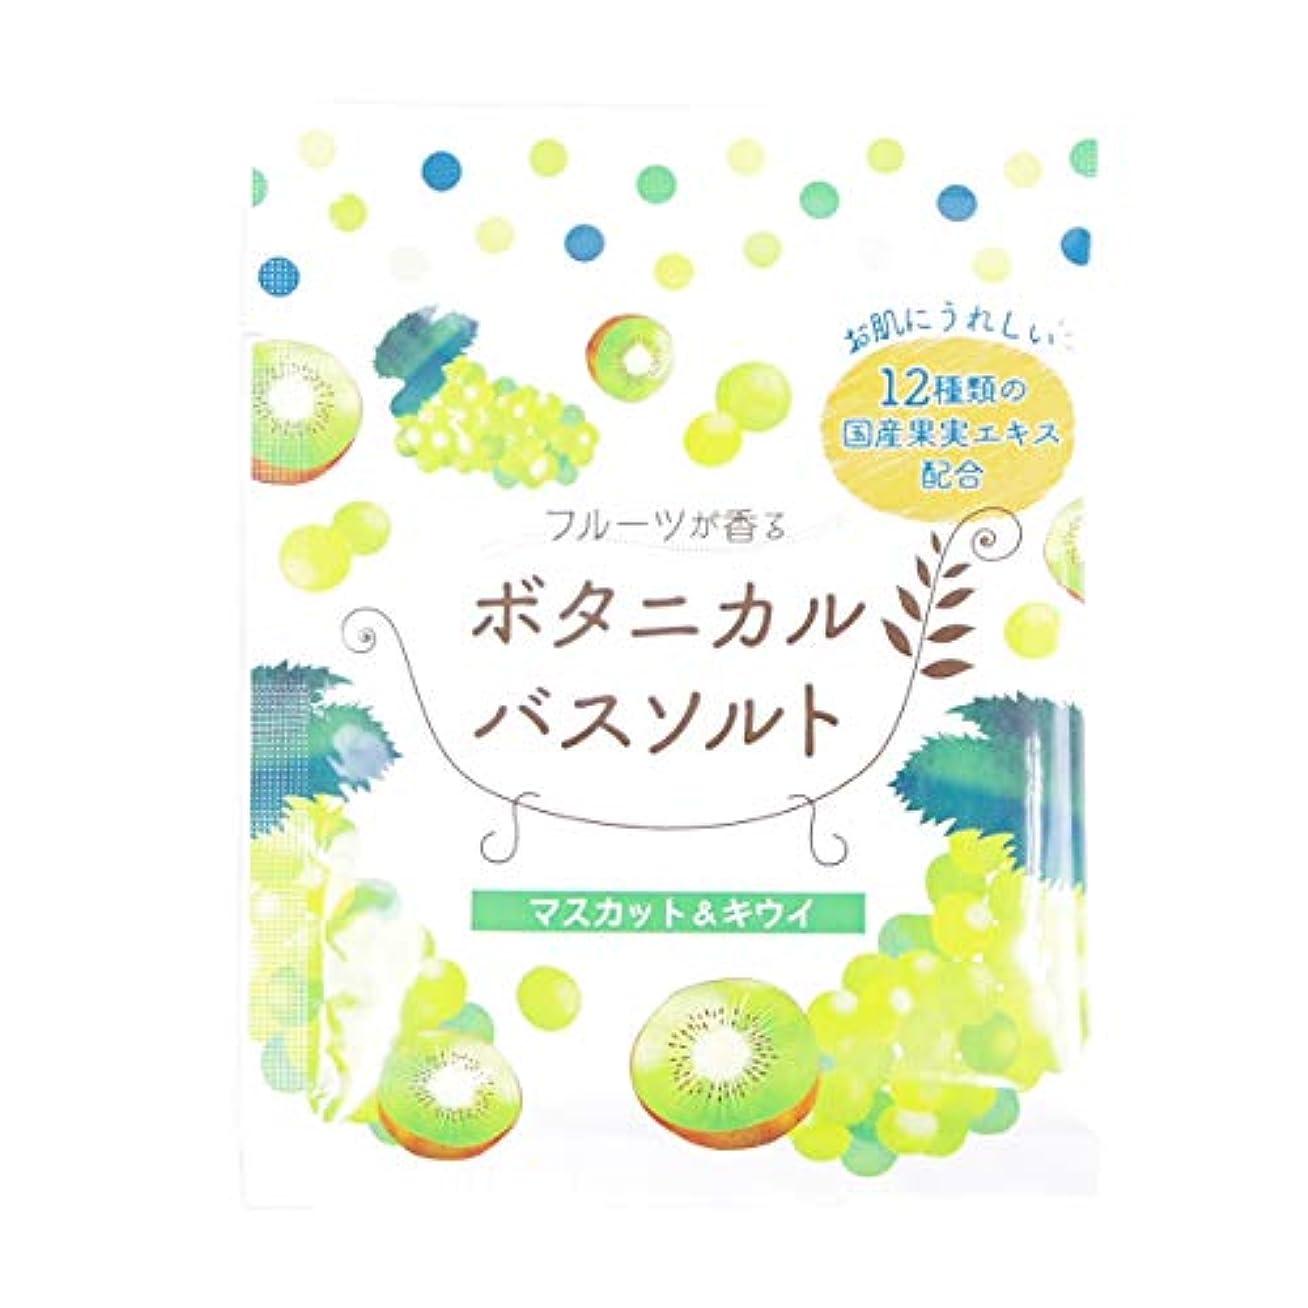 高いはっきりしない旅客松田医薬品 フルーツが香るボタニカルバスソルト マスカット&キウイ 30g